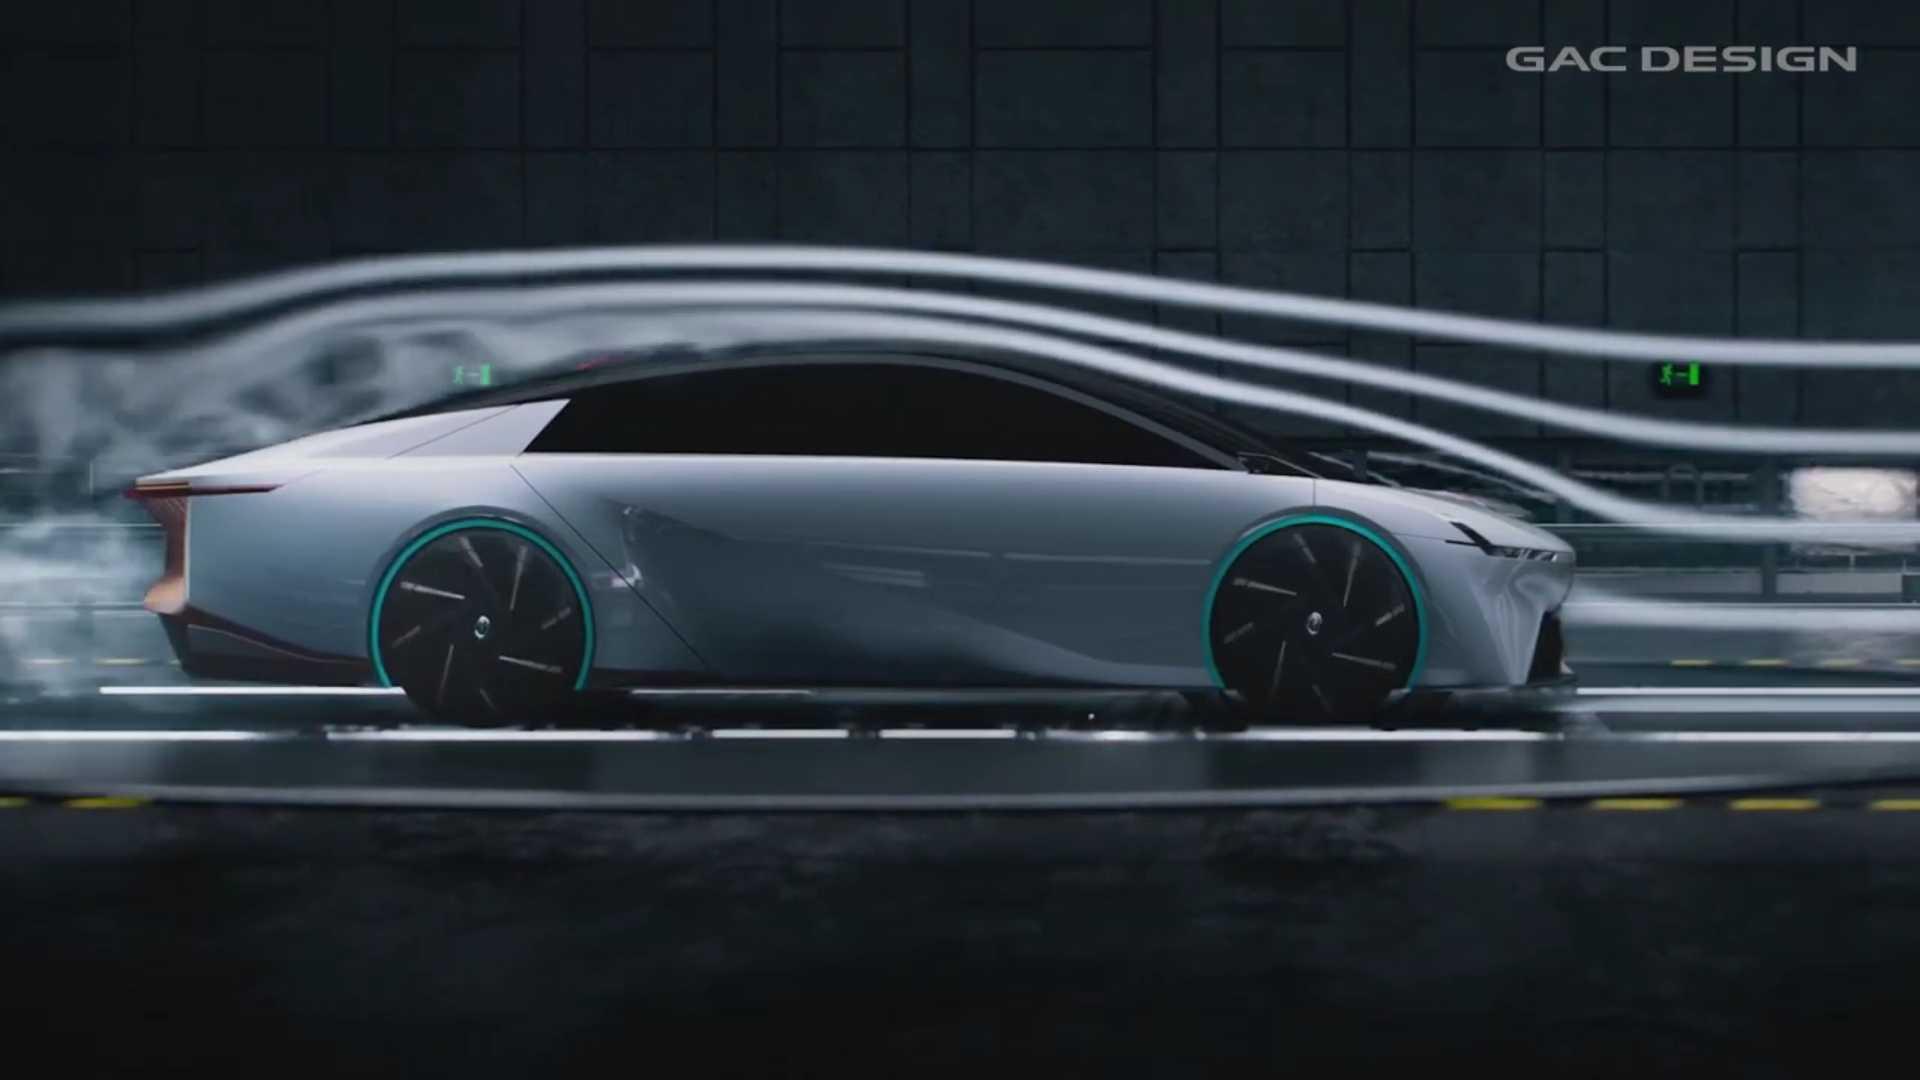 GAC ENO.146 Видео показывает самый создаваемый аэродинамический электромобиль в мире